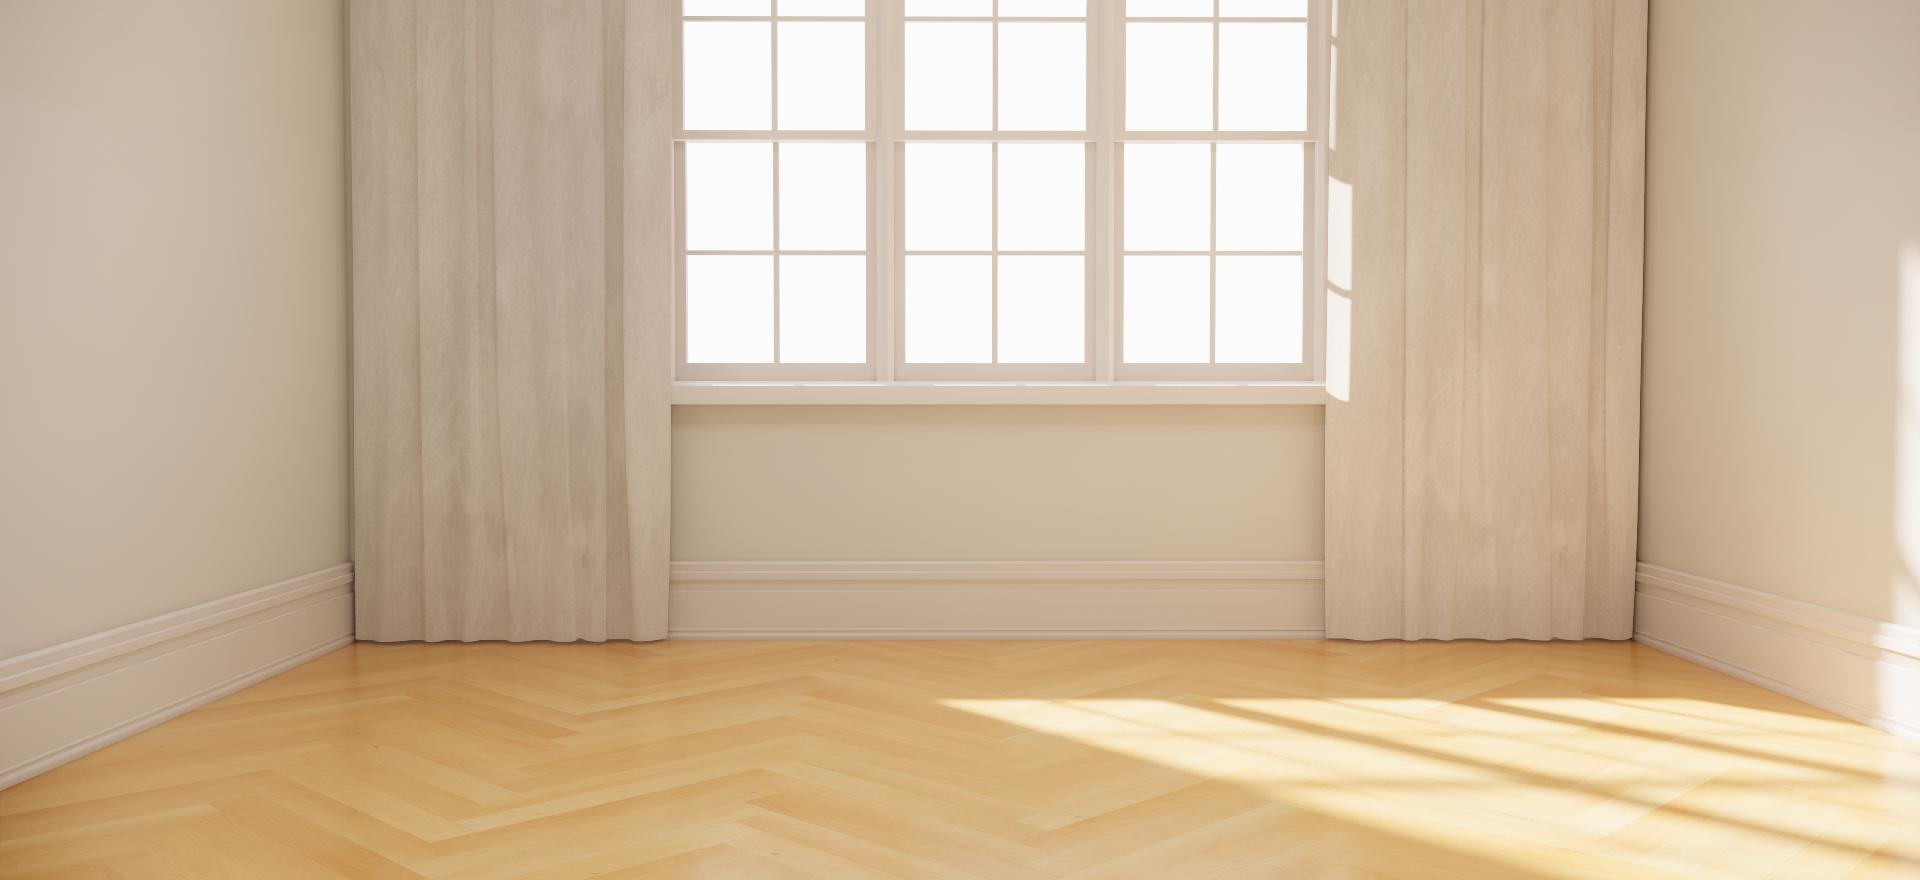 Wood Flooring 13.png